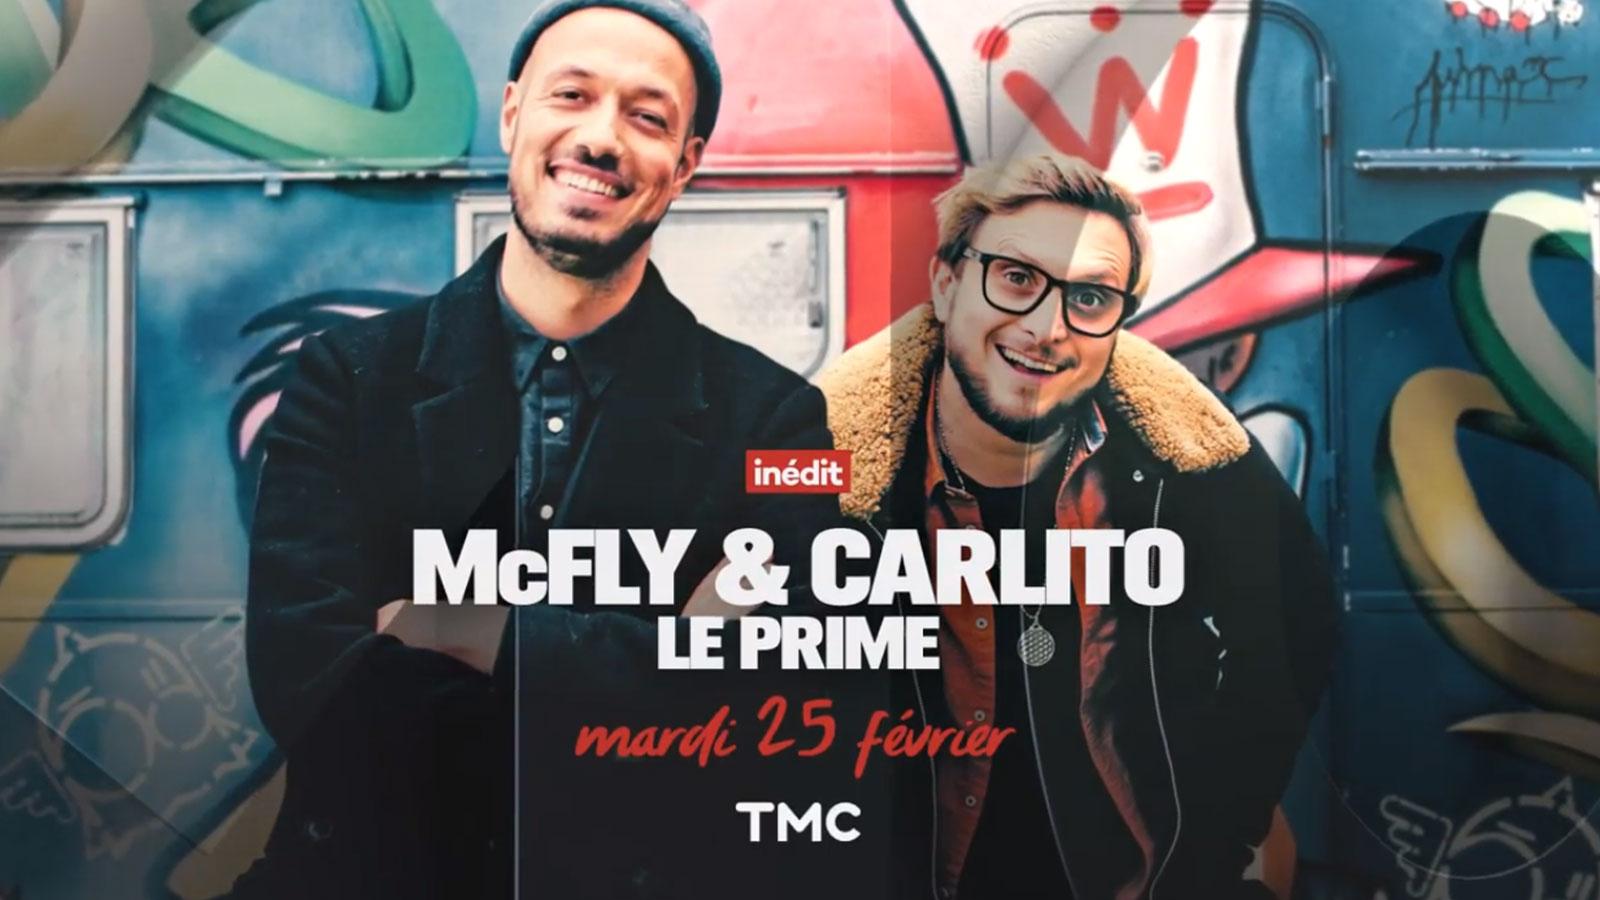 McFly et Carlito seront en prime sur TMC